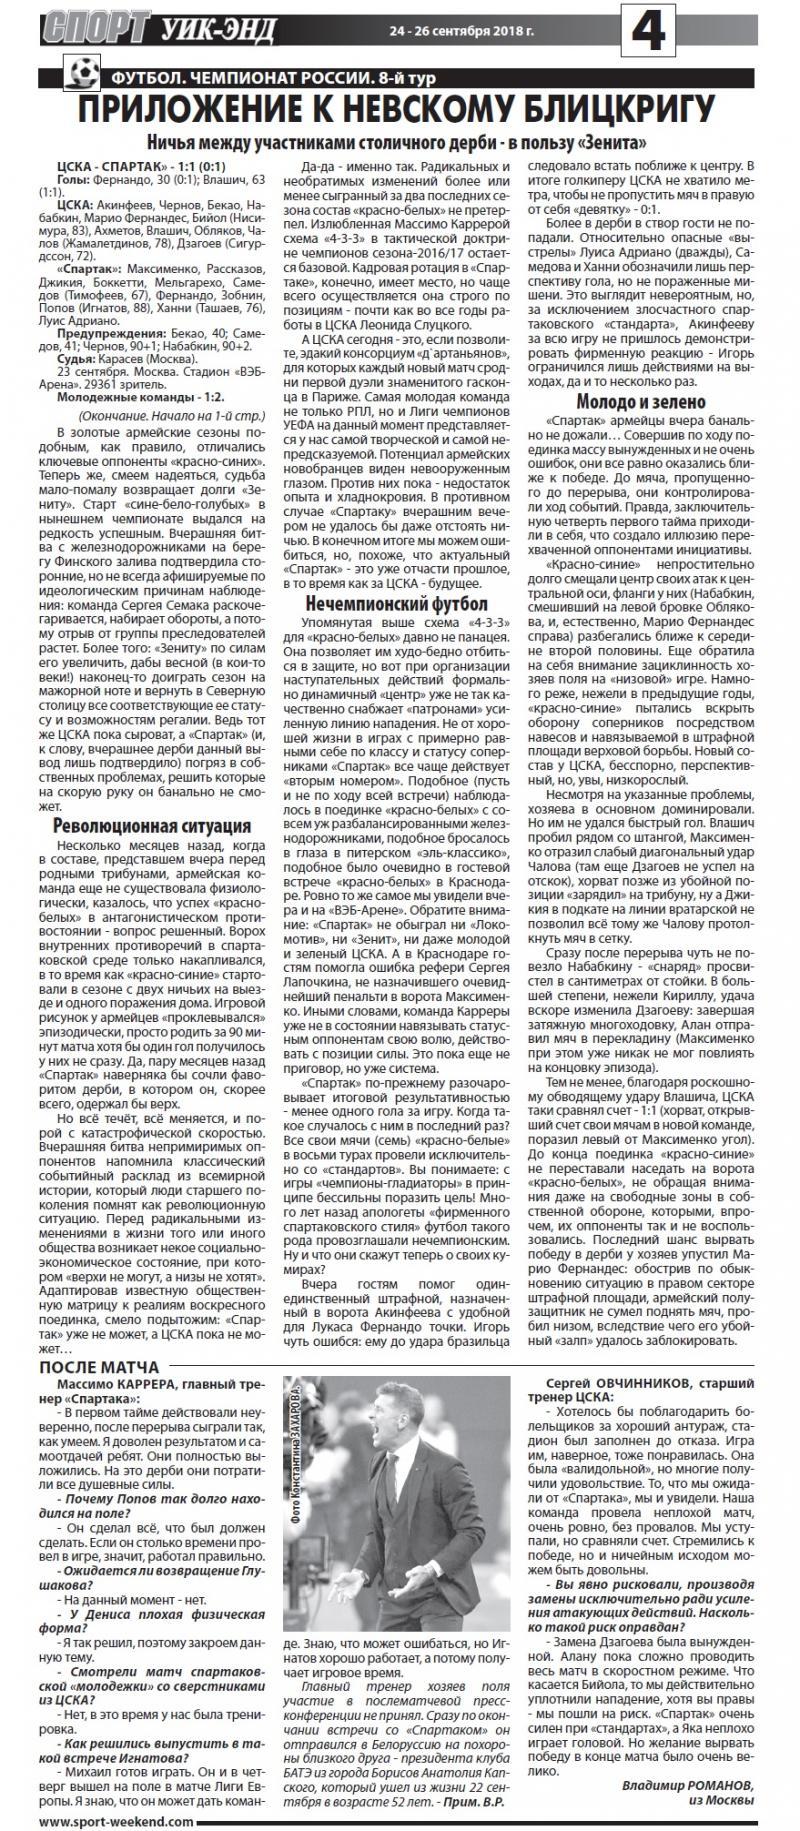 ЦСКА (Москва) - Спартак (Москва) 1:1. Нажмите, чтобы посмотреть истинный размер рисунка